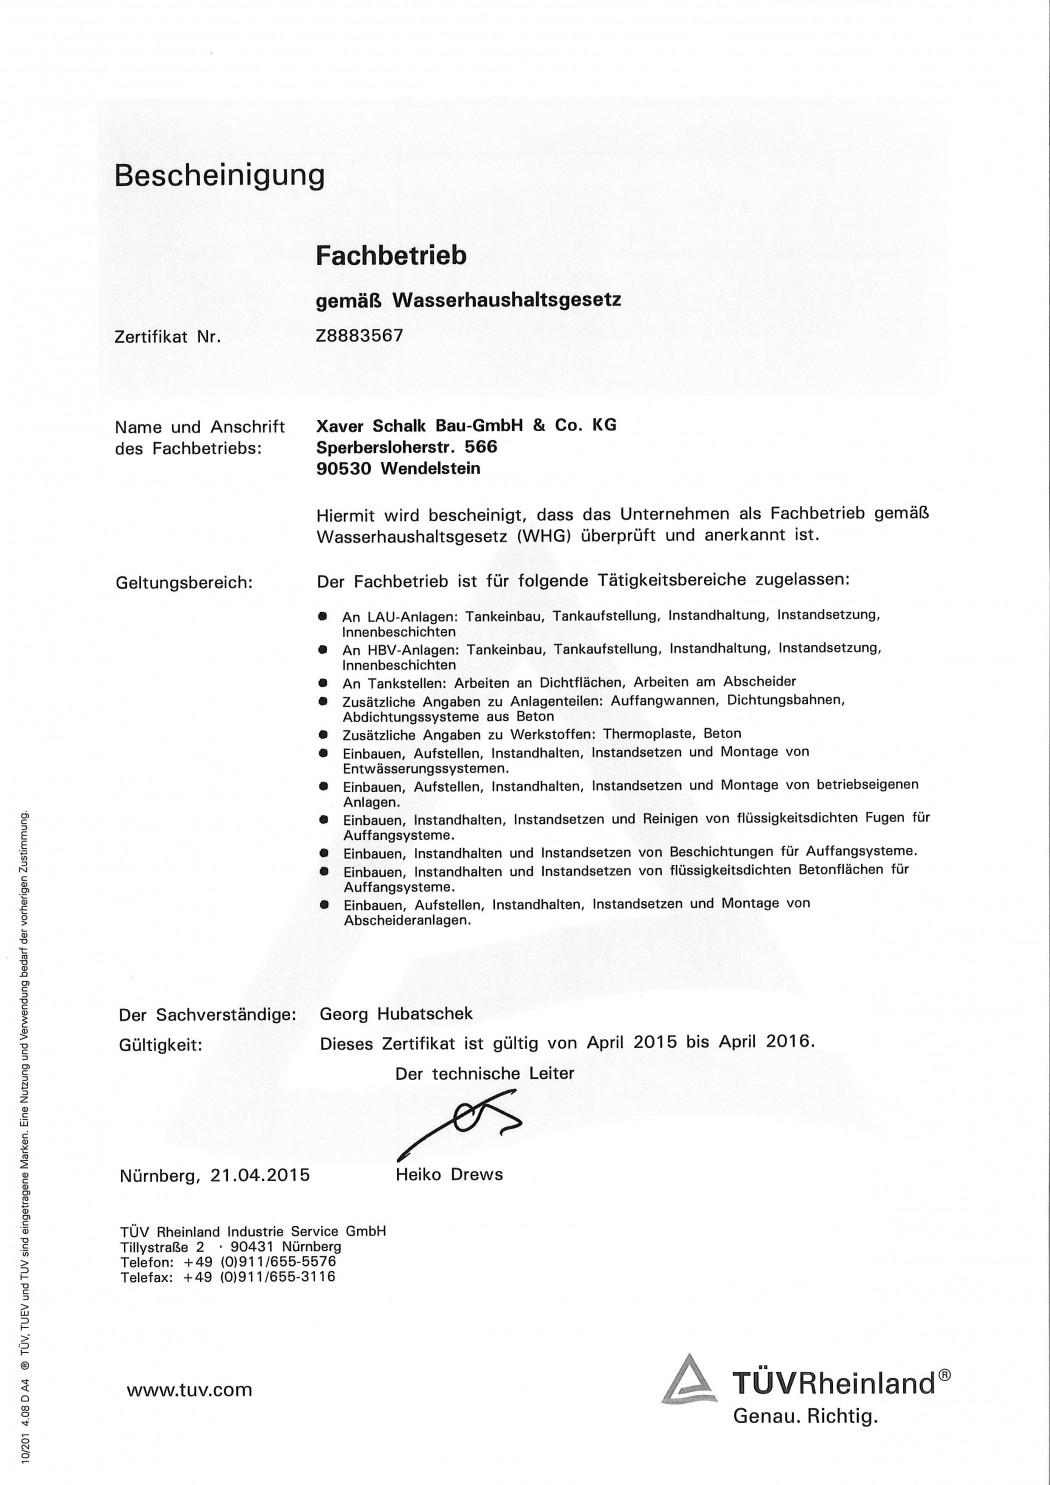 Fachbetrieb WHG_2015_04_21